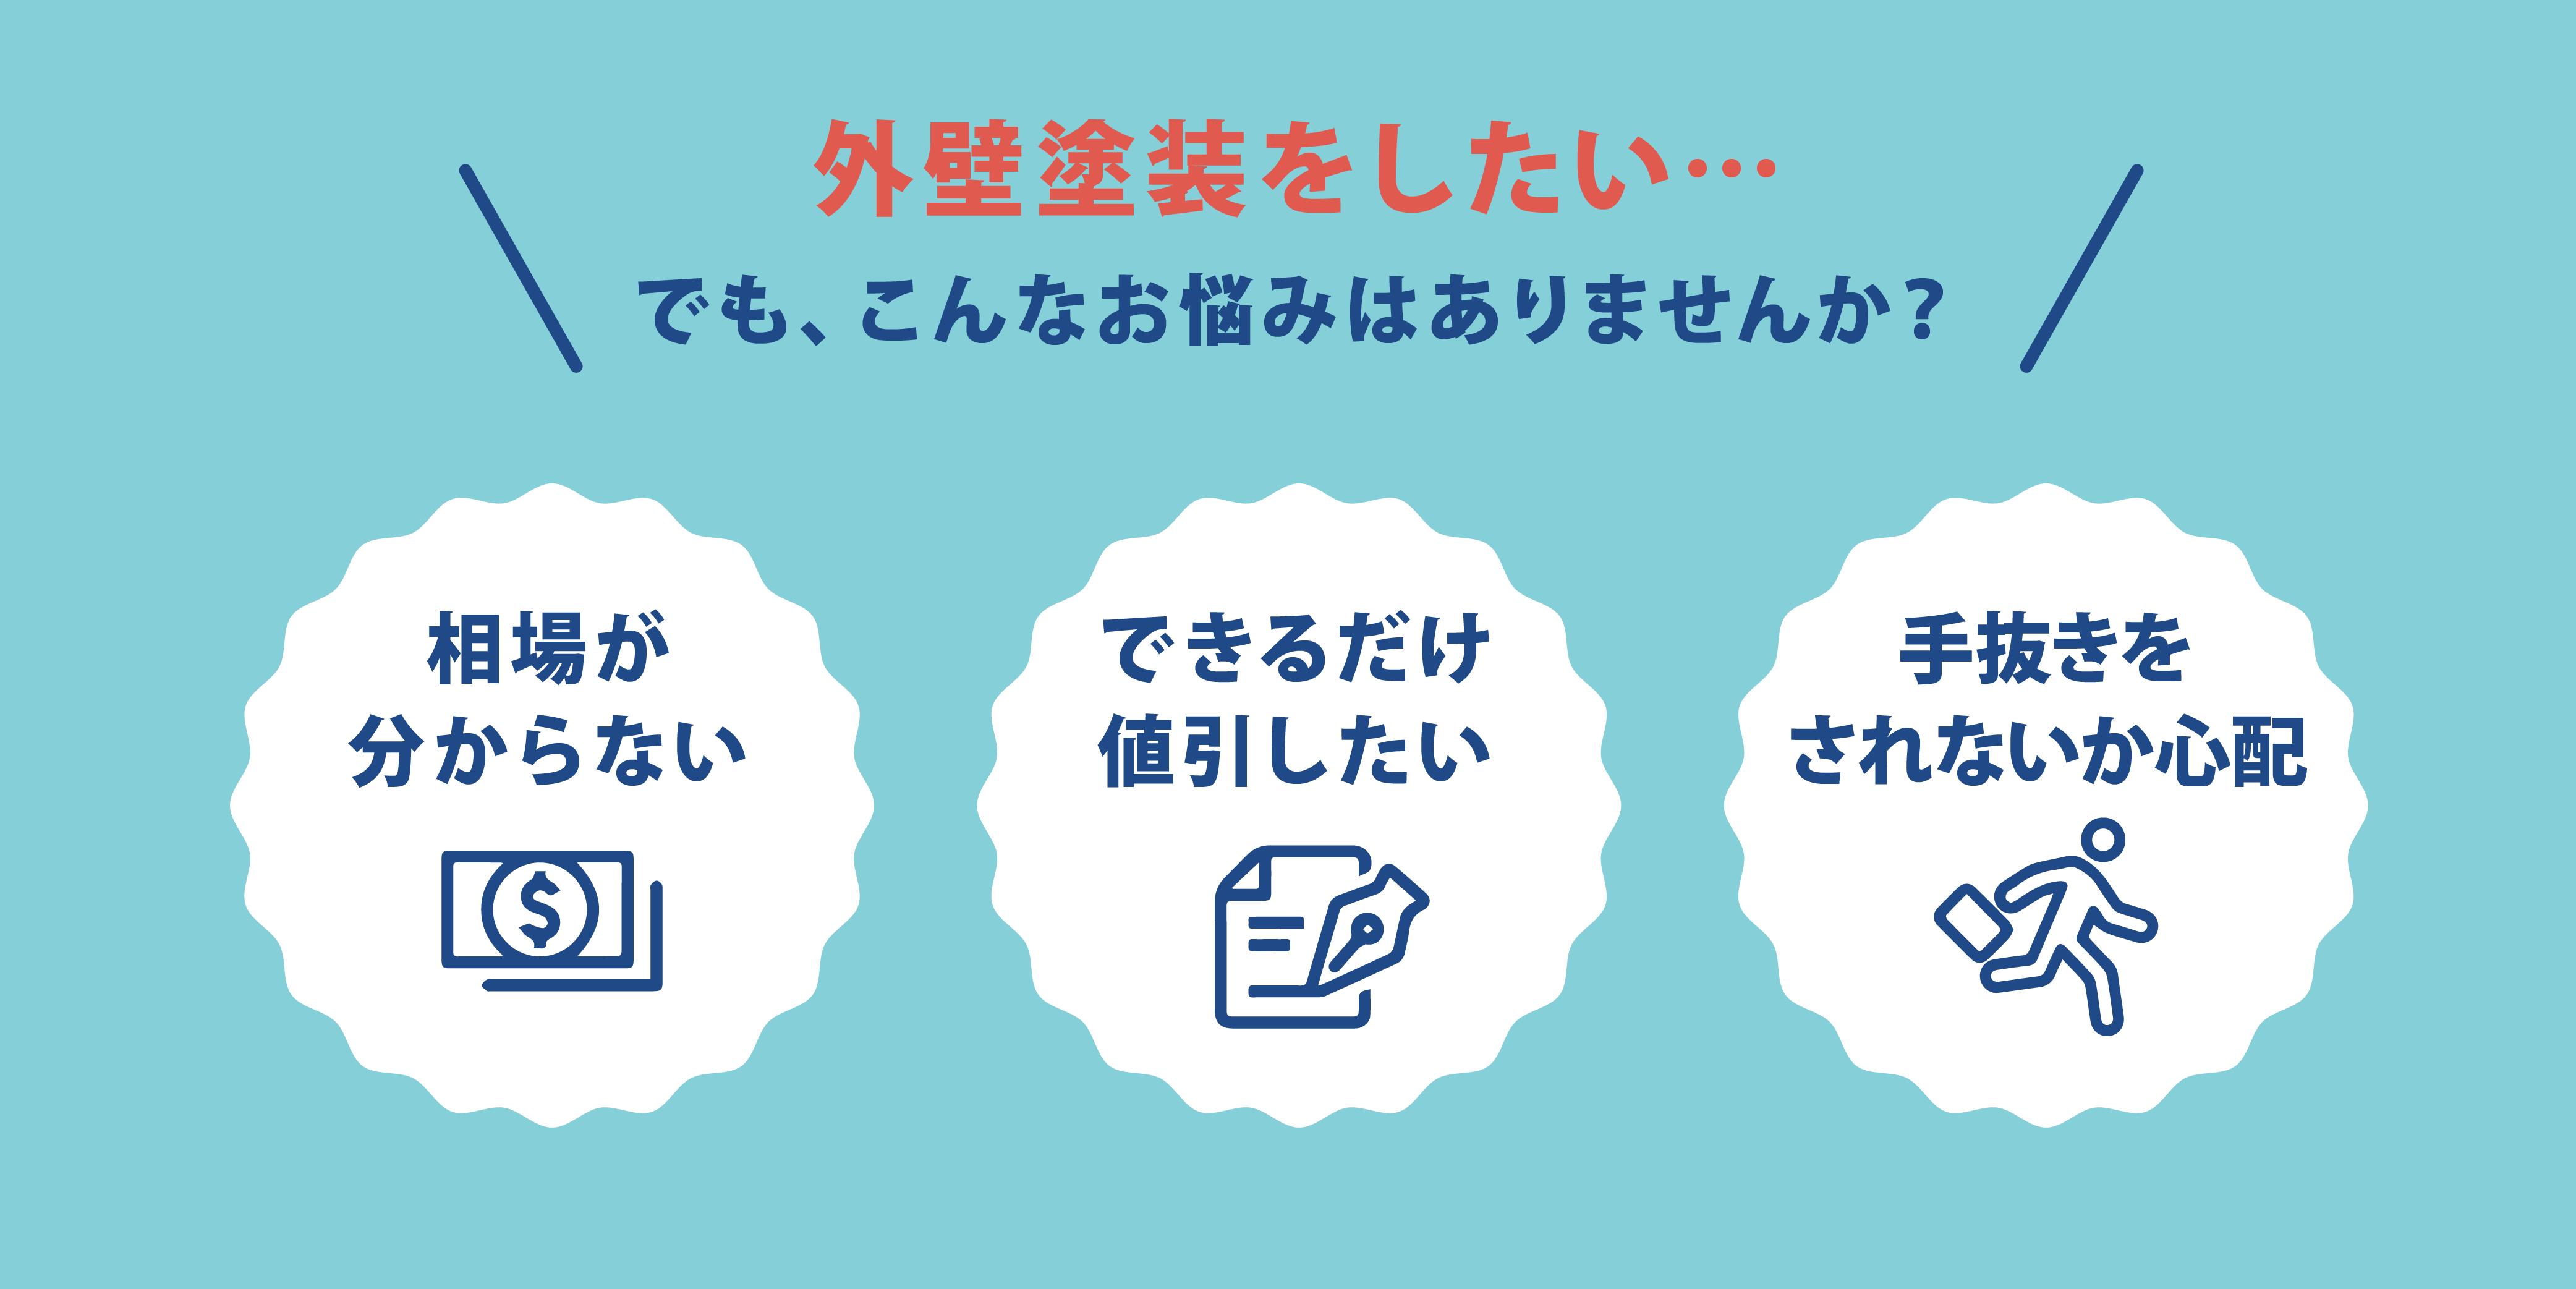 外壁塗装をしたい... ペイントセレクト@関西|塗装業者一括見積もりサービス